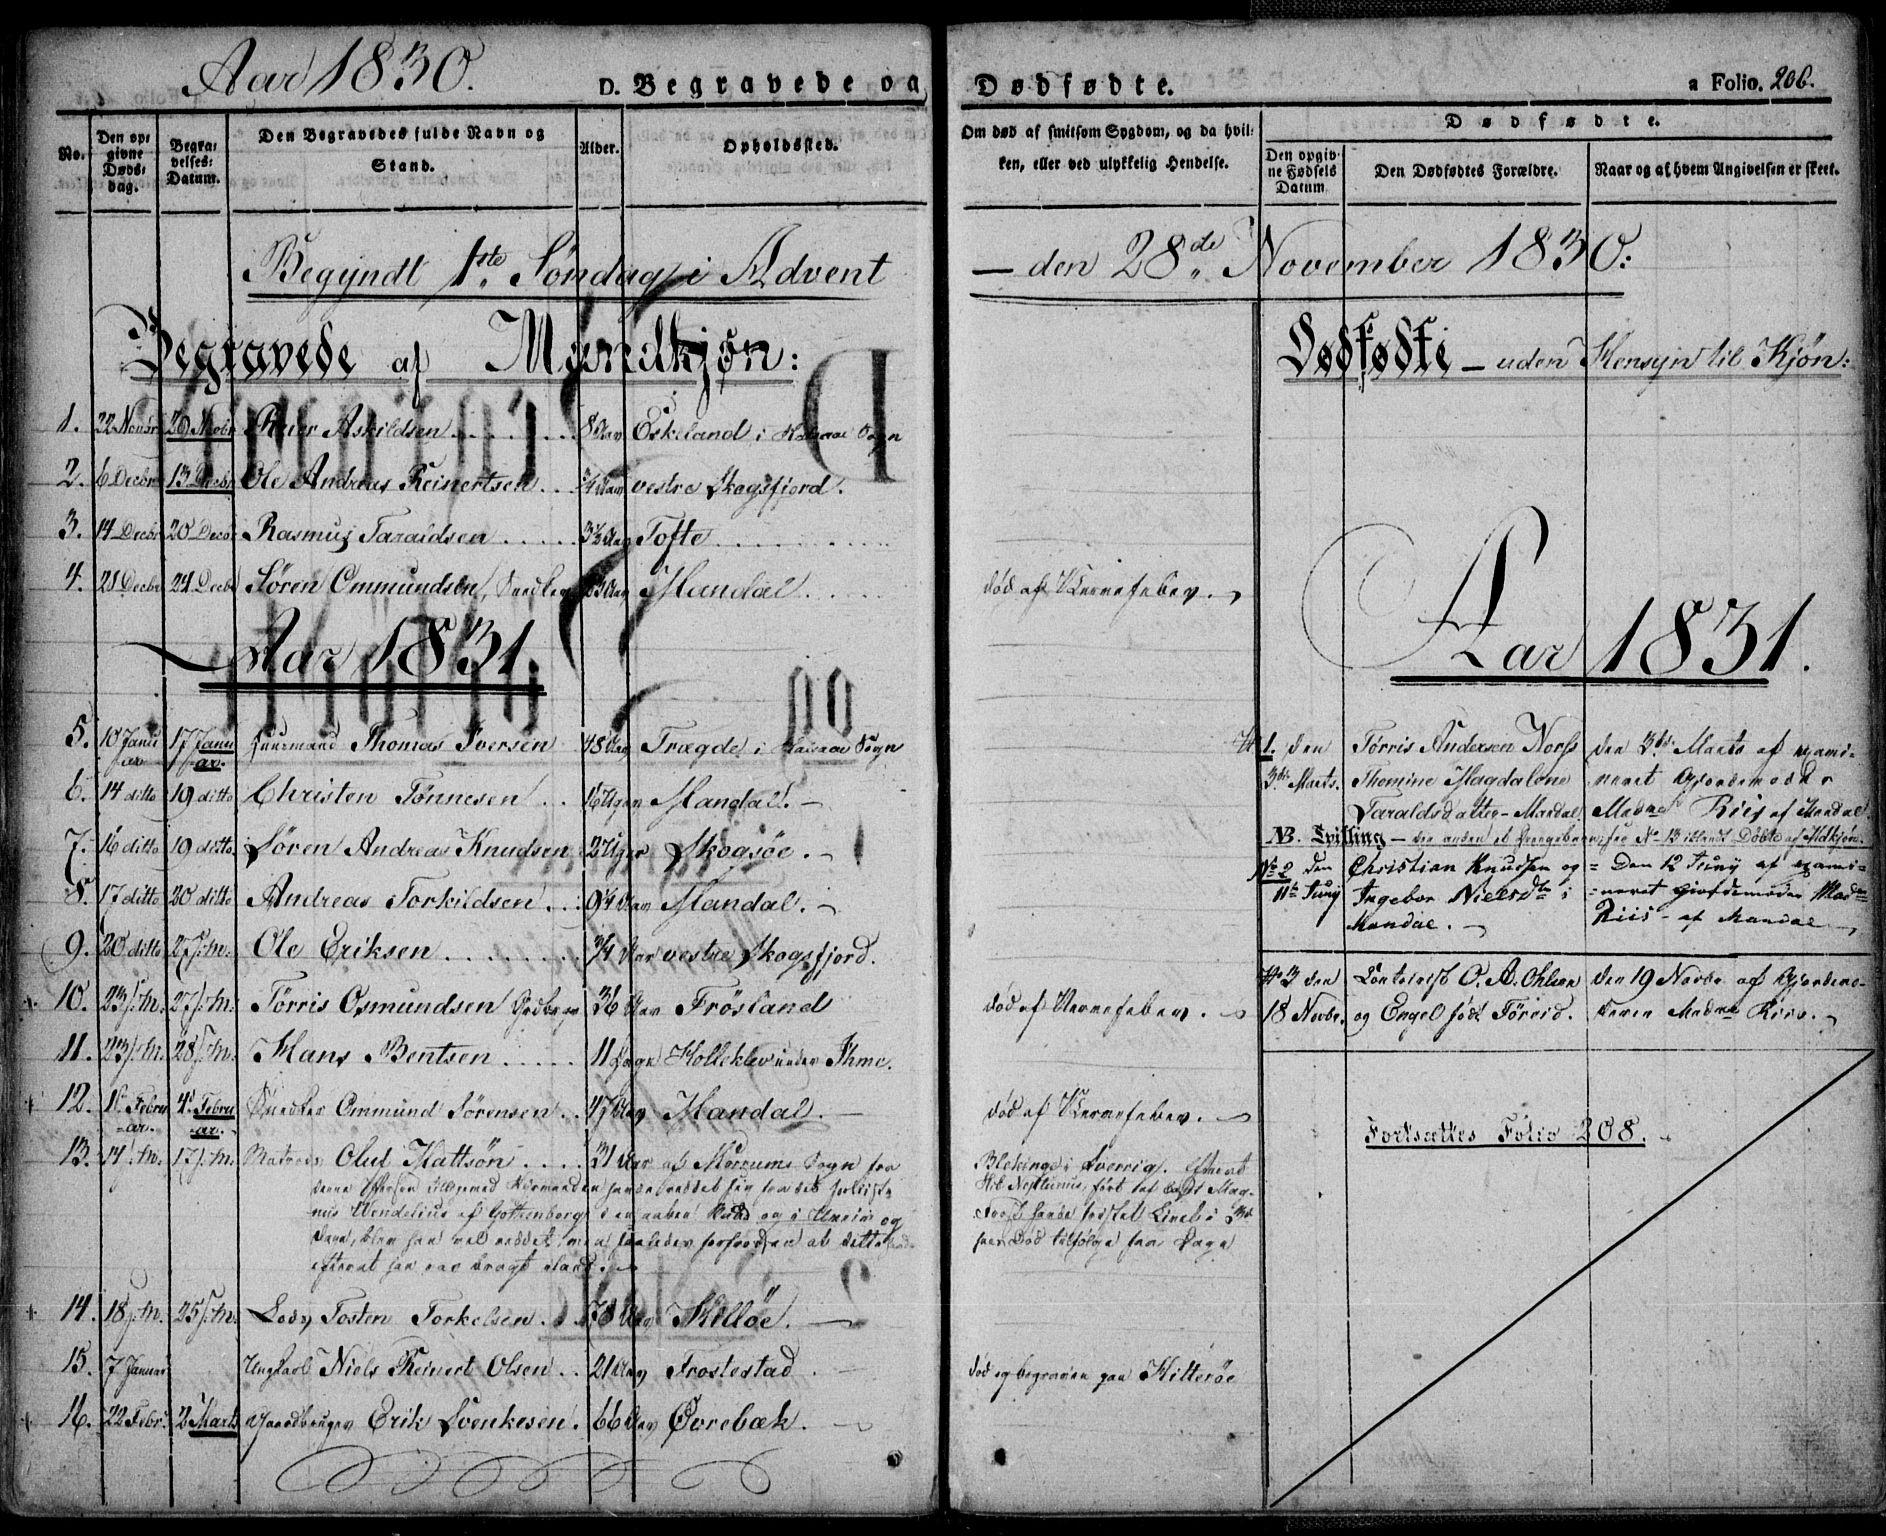 SAK, Mandal sokneprestkontor, F/Fa/Faa/L0011: Ministerialbok nr. A 11, 1830-1839, s. 206